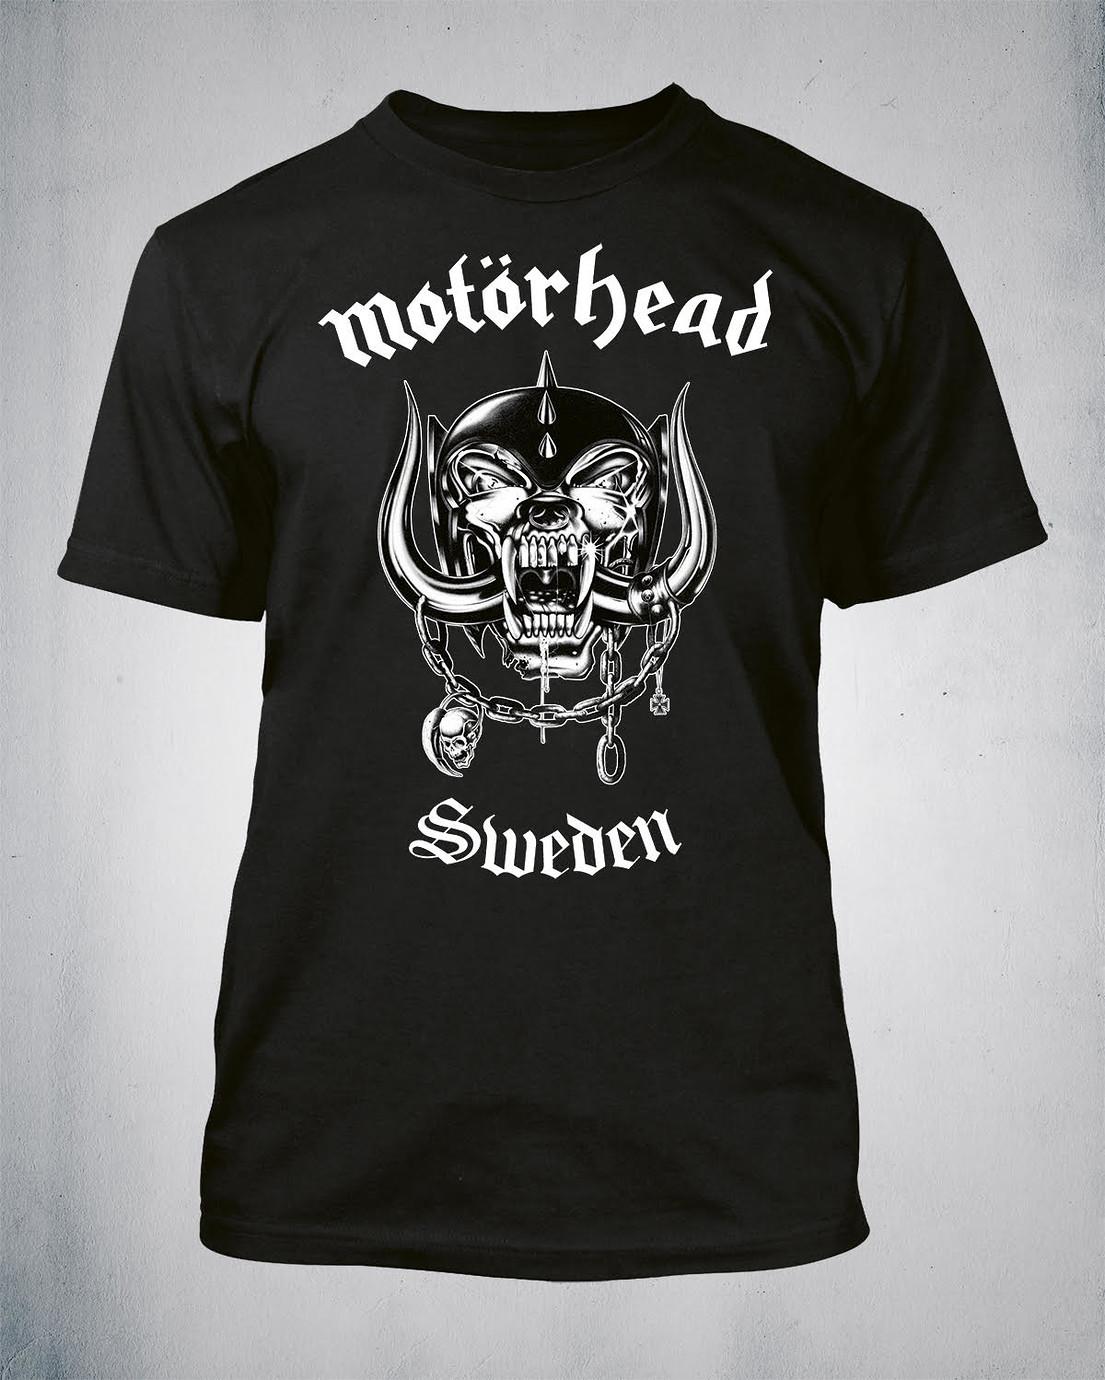 motorhead-med-bakgrund.jpg